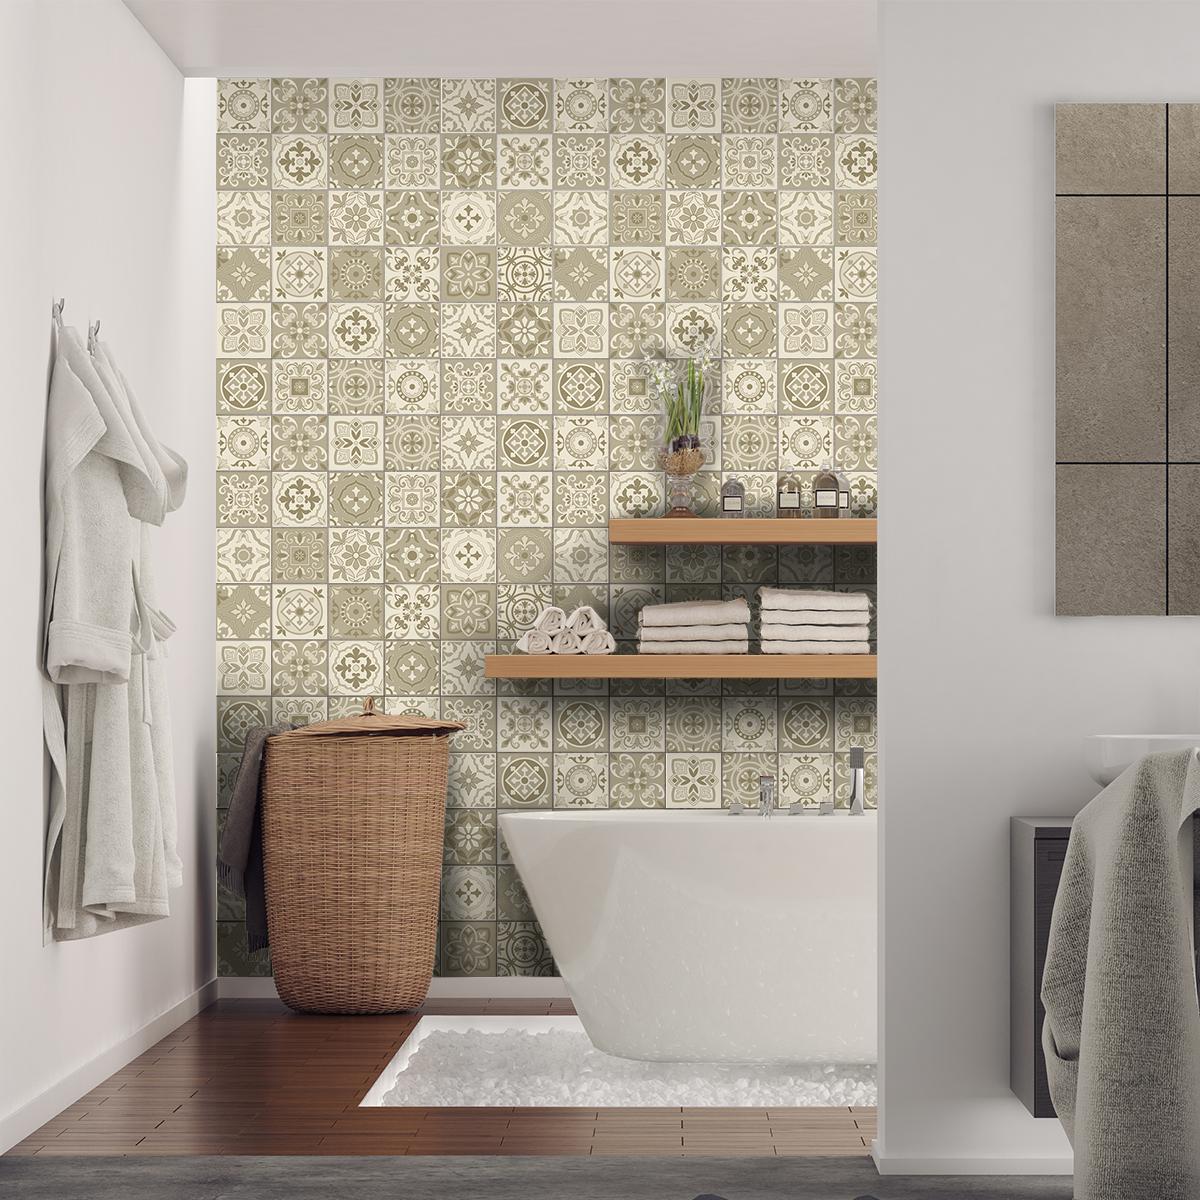 24 stickers carreaux de ciment azulejos domenico cuisine carrelages ambiance sticker. Black Bedroom Furniture Sets. Home Design Ideas